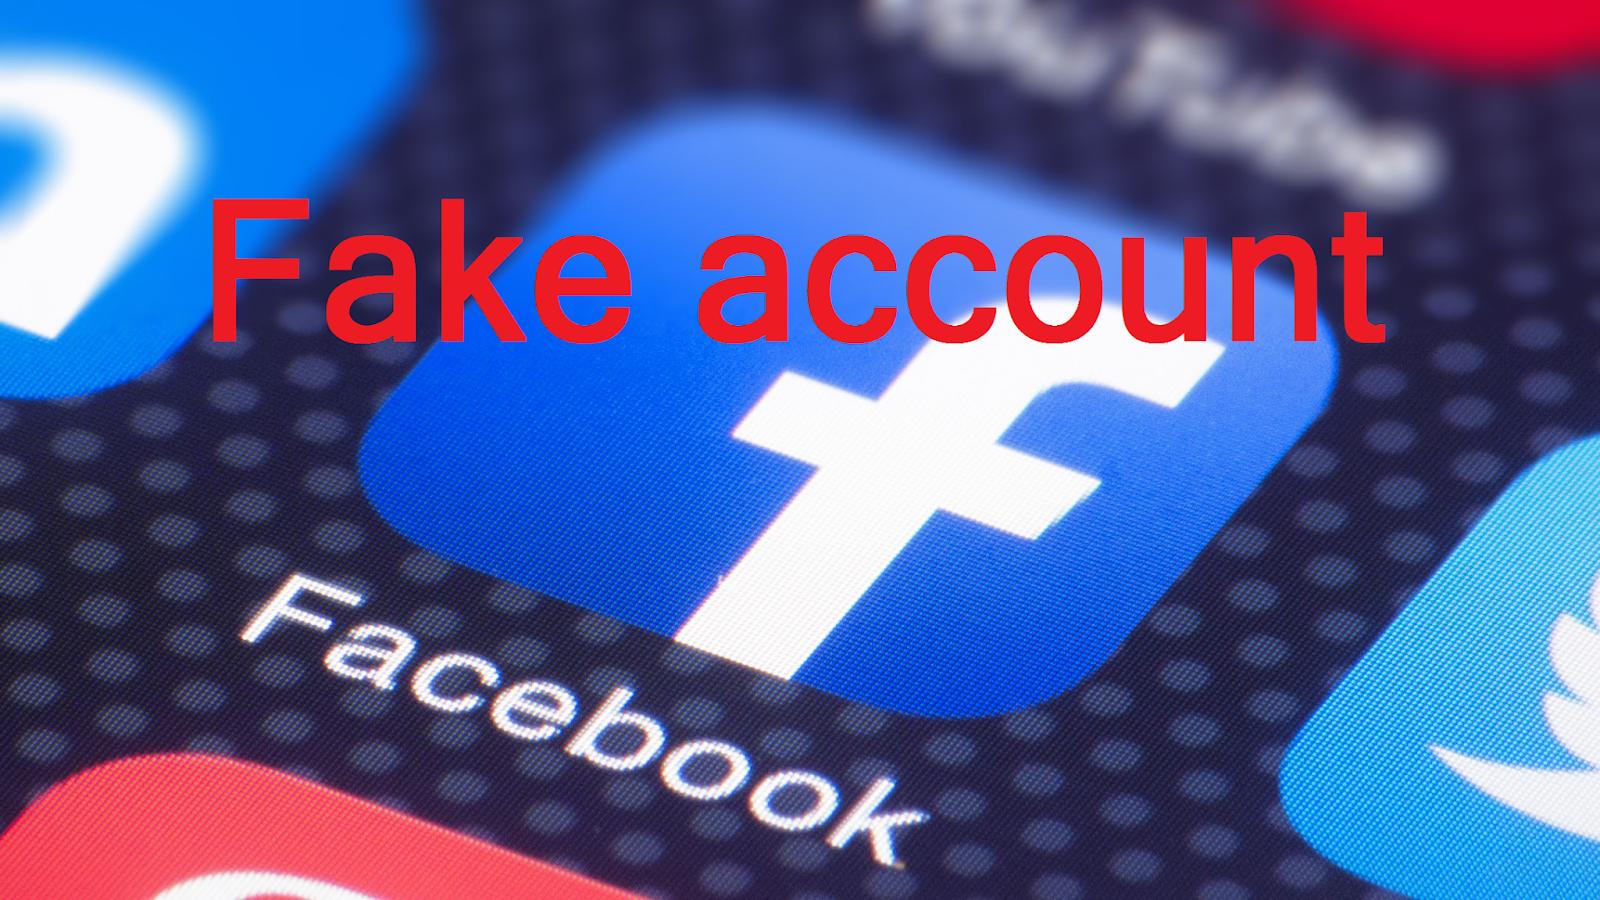 فيس بوك تكشف عن 83 مليون حساب وهمي من مستخدميه